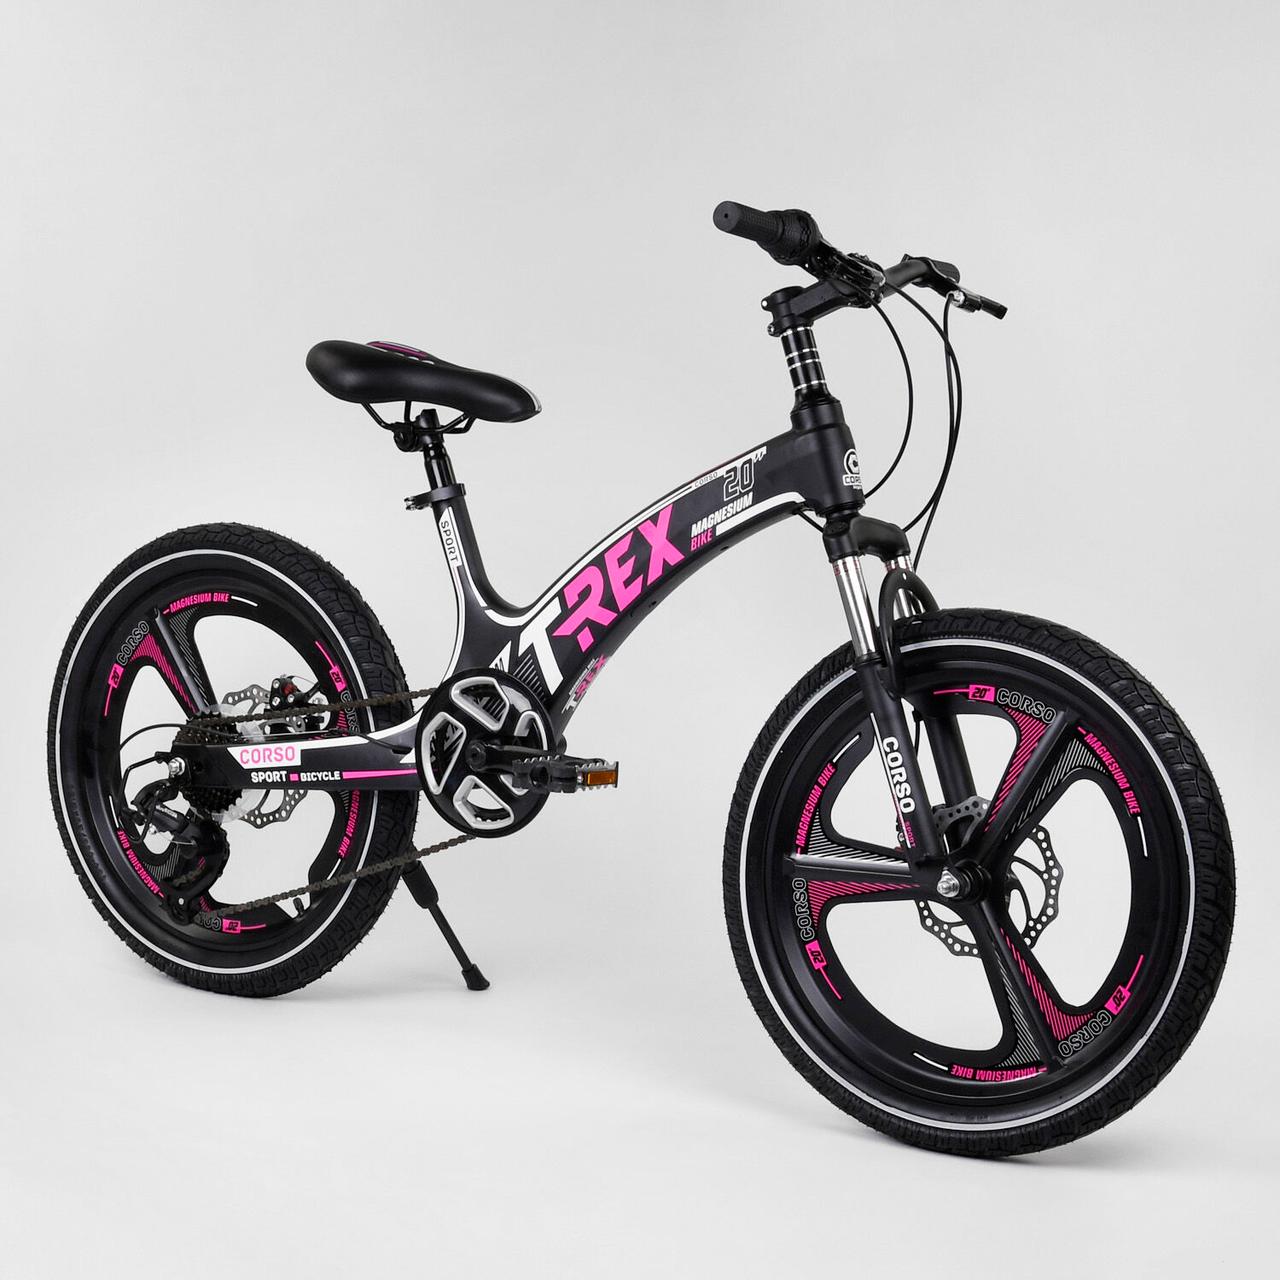 Детский велосипед спортивный для девочки 7-12 лет двухколесный CORSO T-REX 20'' Черно-розовый